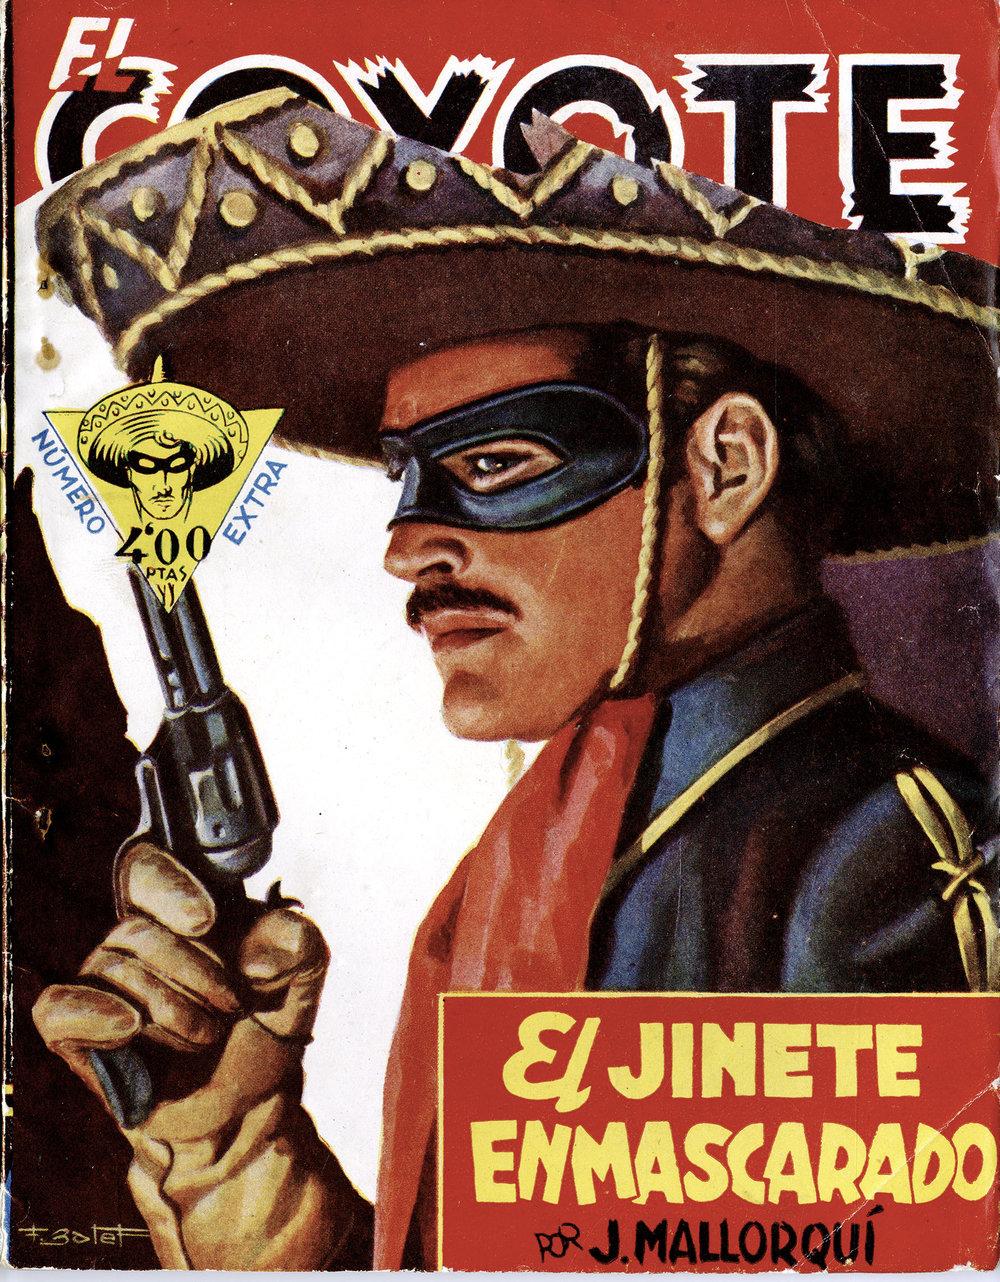 Coyote Jinete.jpg